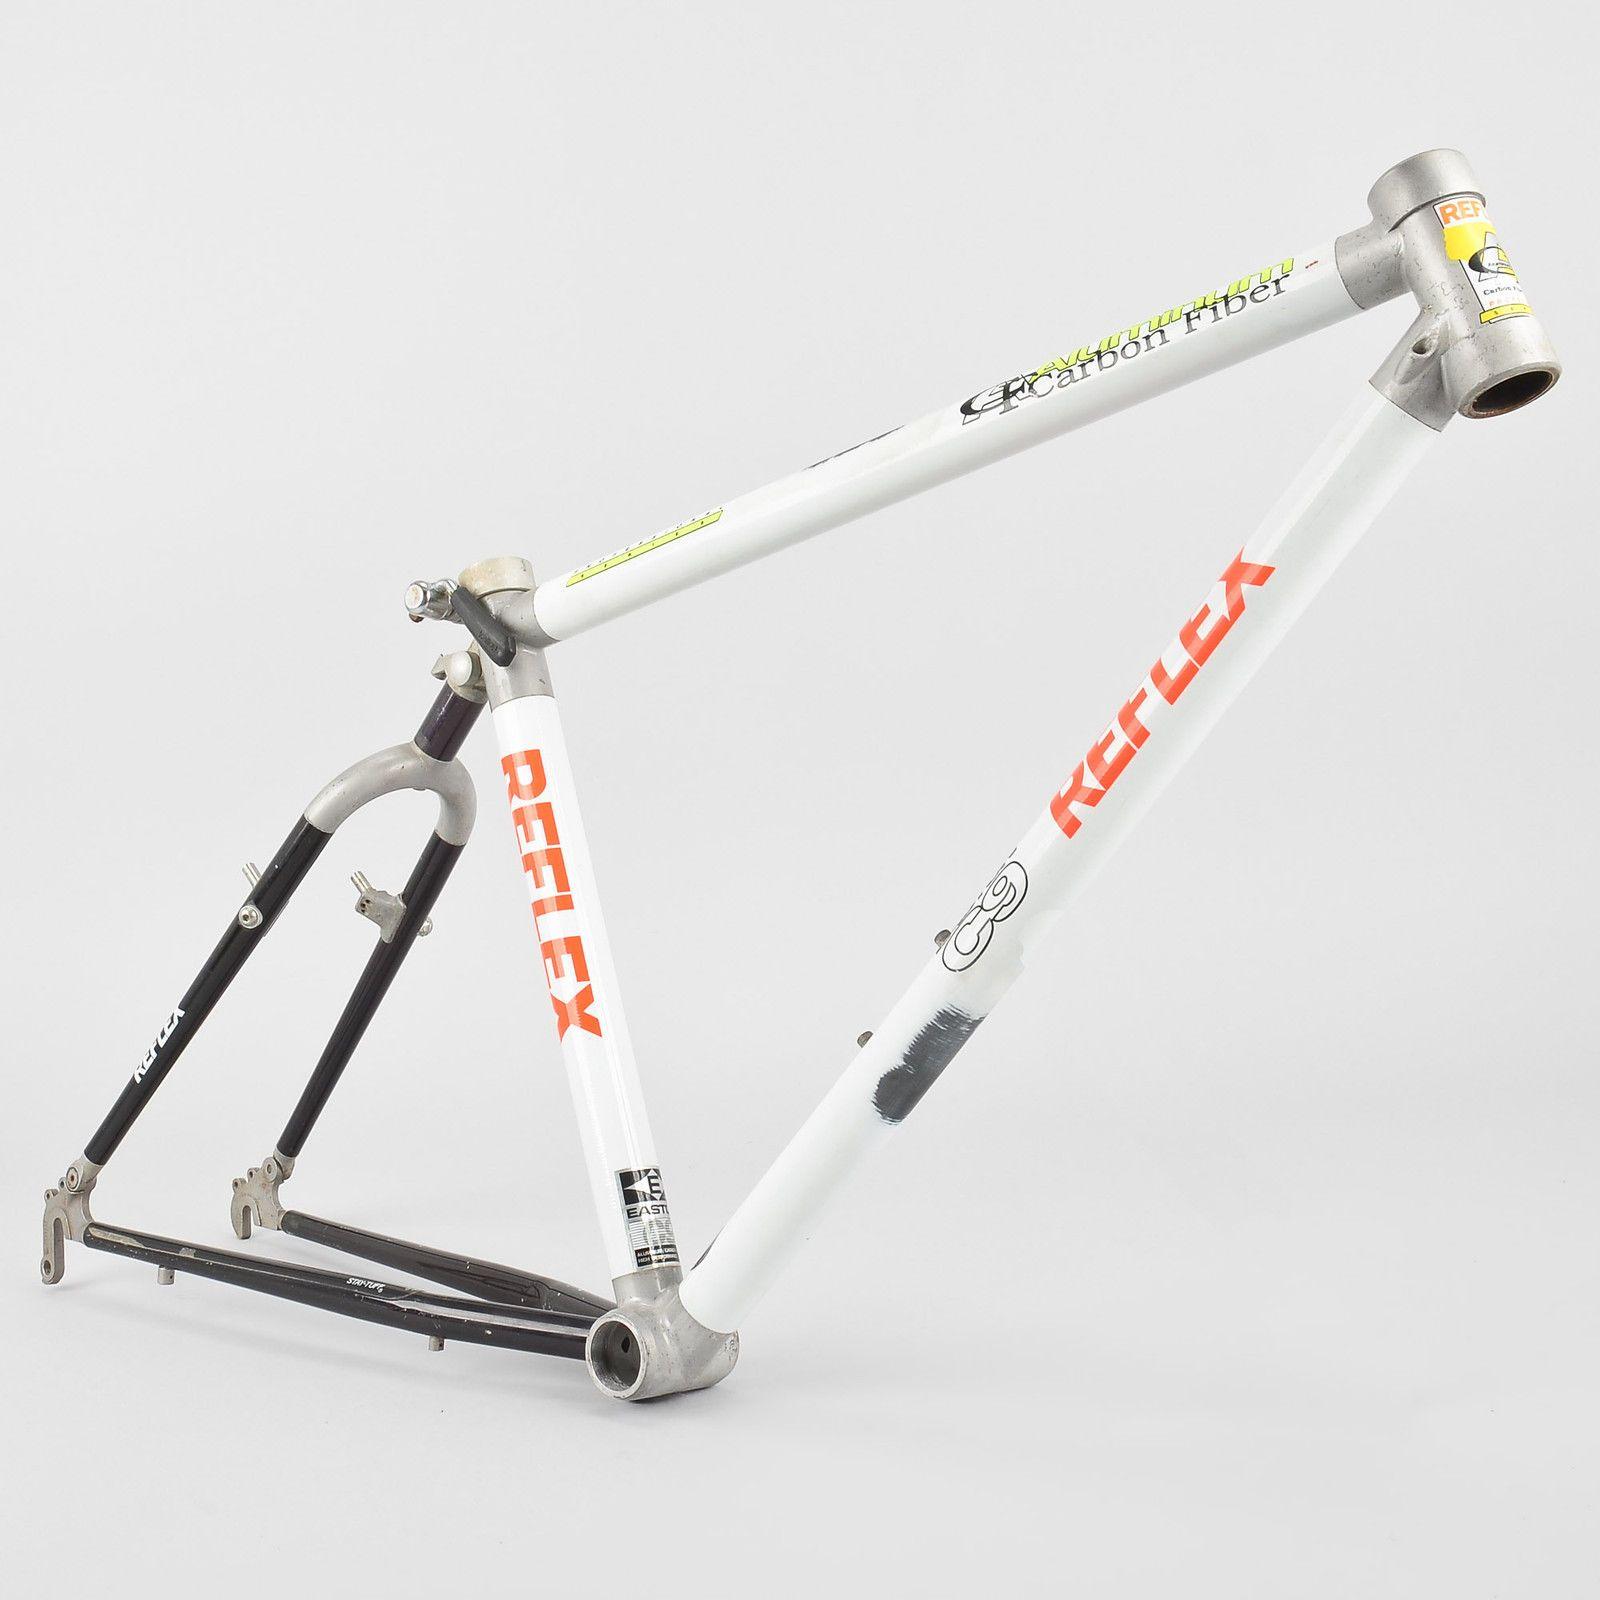 vintage reflex acf professional series mountain bike frame 15 26 canti easton ebay